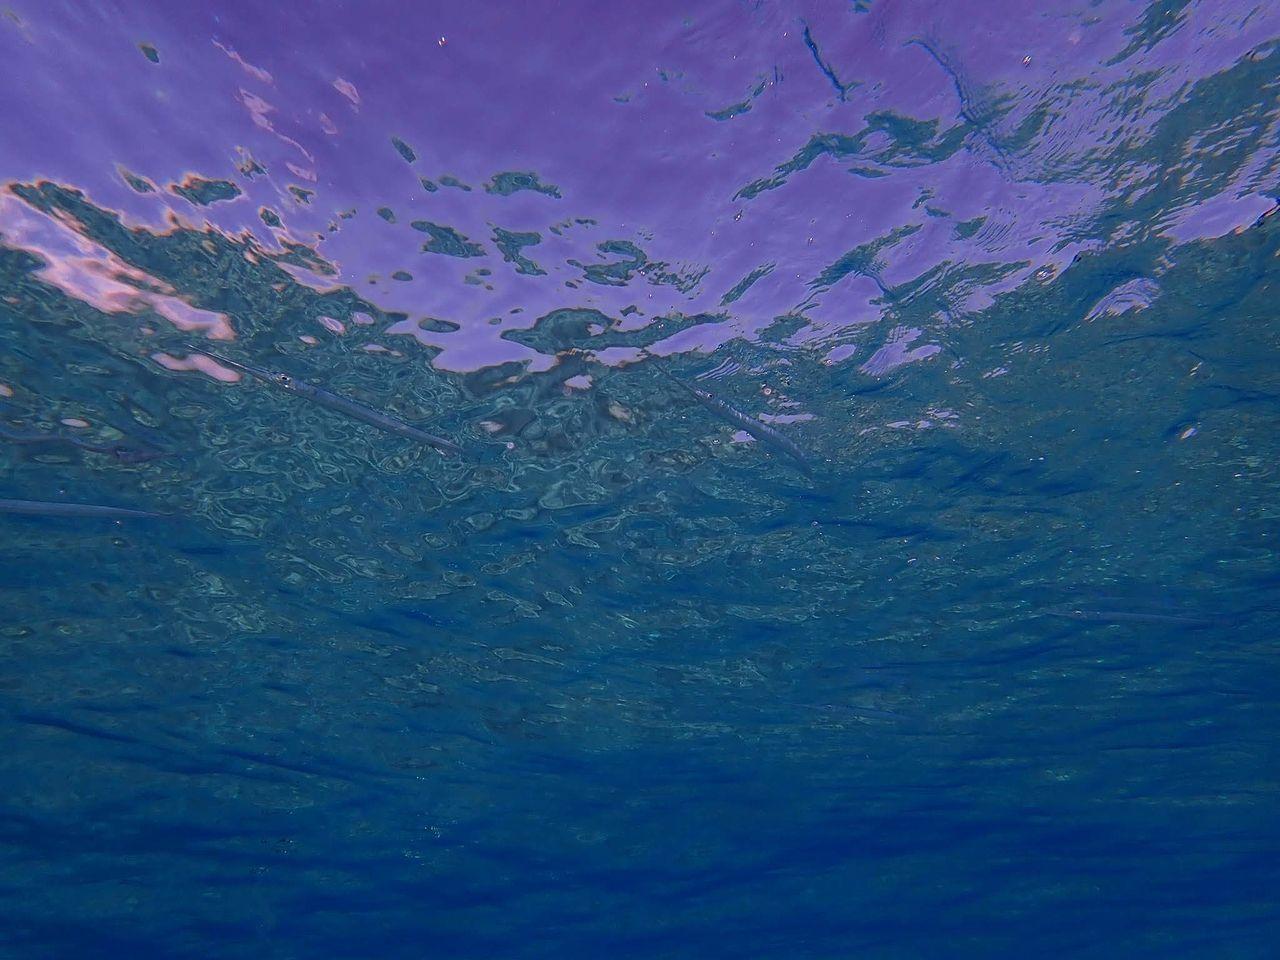 水面のほうにいる細長いサカナはサヨリです。